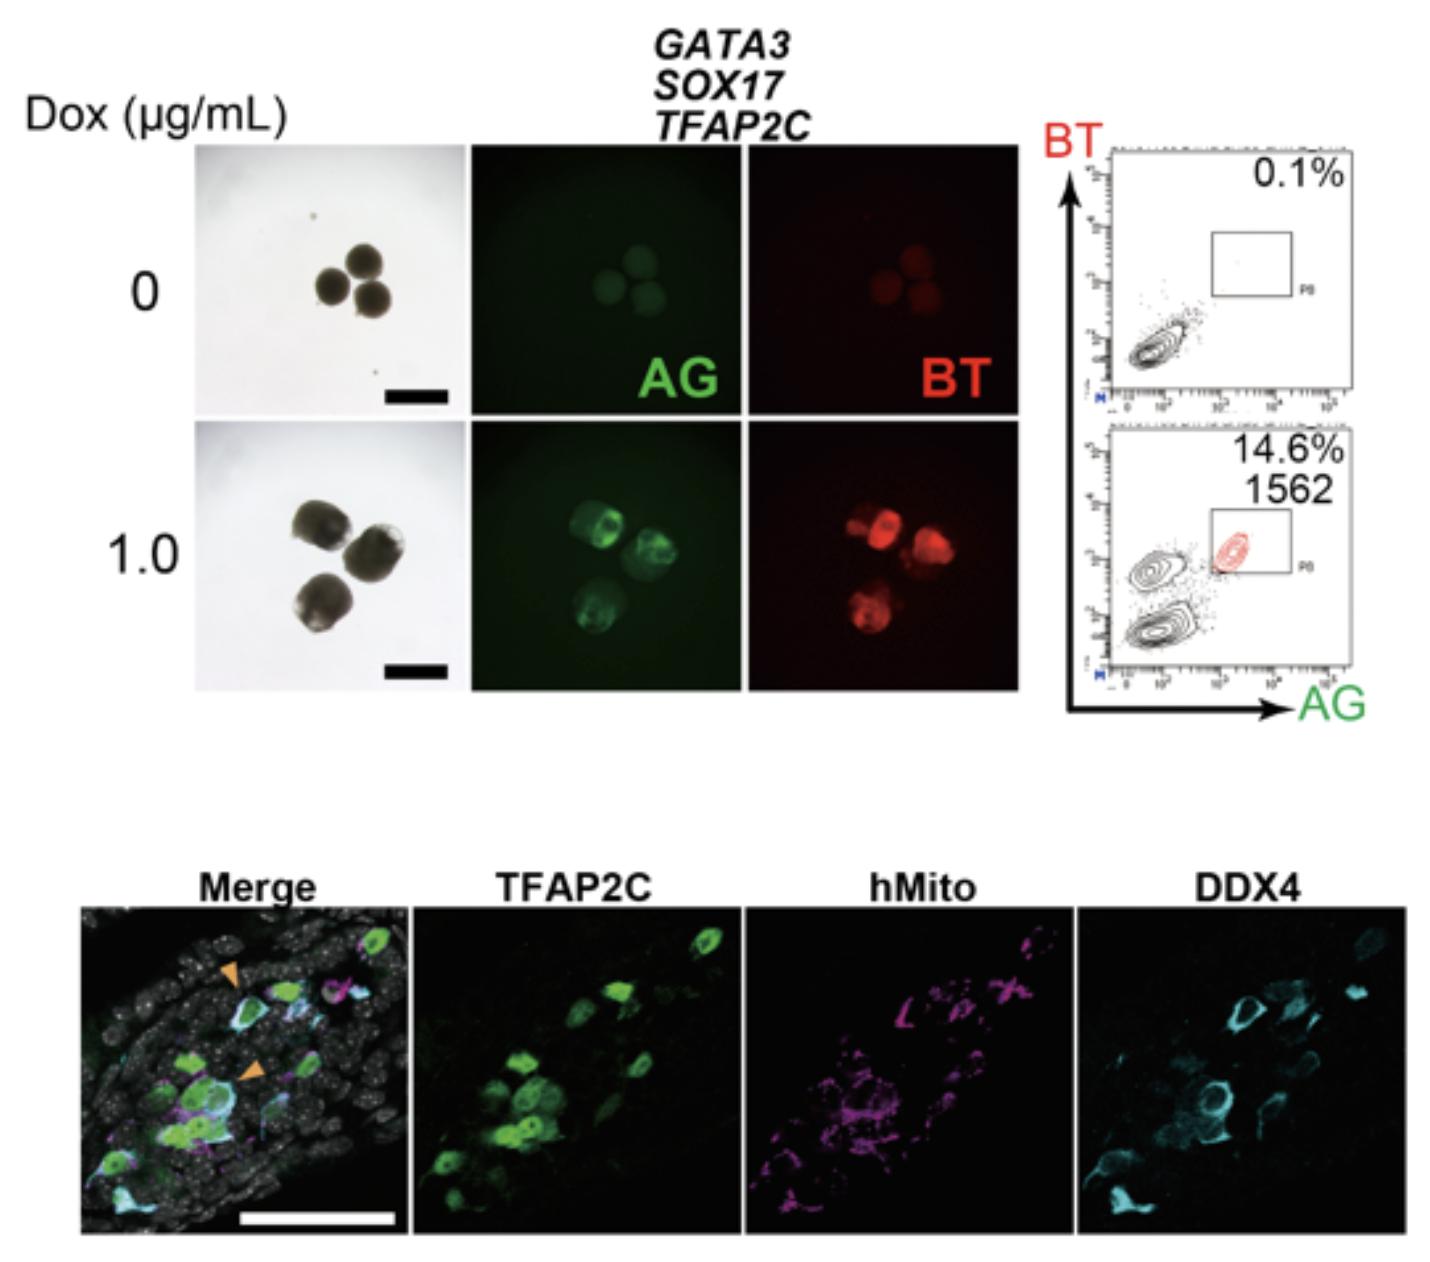 図2. GATA3, SOX17, TFAP2Cの強制発現で始原生殖細胞用細胞に誘導できる図1と同様にしてDoxを用いてGATA3, SOX17, TFAP2C, BLIMP1の3遺伝子を強制発現するとBTとAGがともに陽性である細胞が出現する (上)。この細胞を回収し、マウス胎仔の生殖巣細胞とともに11週間培養すると分化の進んだ生殖細胞に特徴的なDDX4の発現を認める(下)。免疫染色を用いて生殖細胞のマーカーであるTFAP2CとDDX4を、マウスとヒトの細胞を区別するためにヒトミトコンドリア特異的な抗体を用いて染色した。ヒト由来細胞がDDX4を発現していることが分かる。